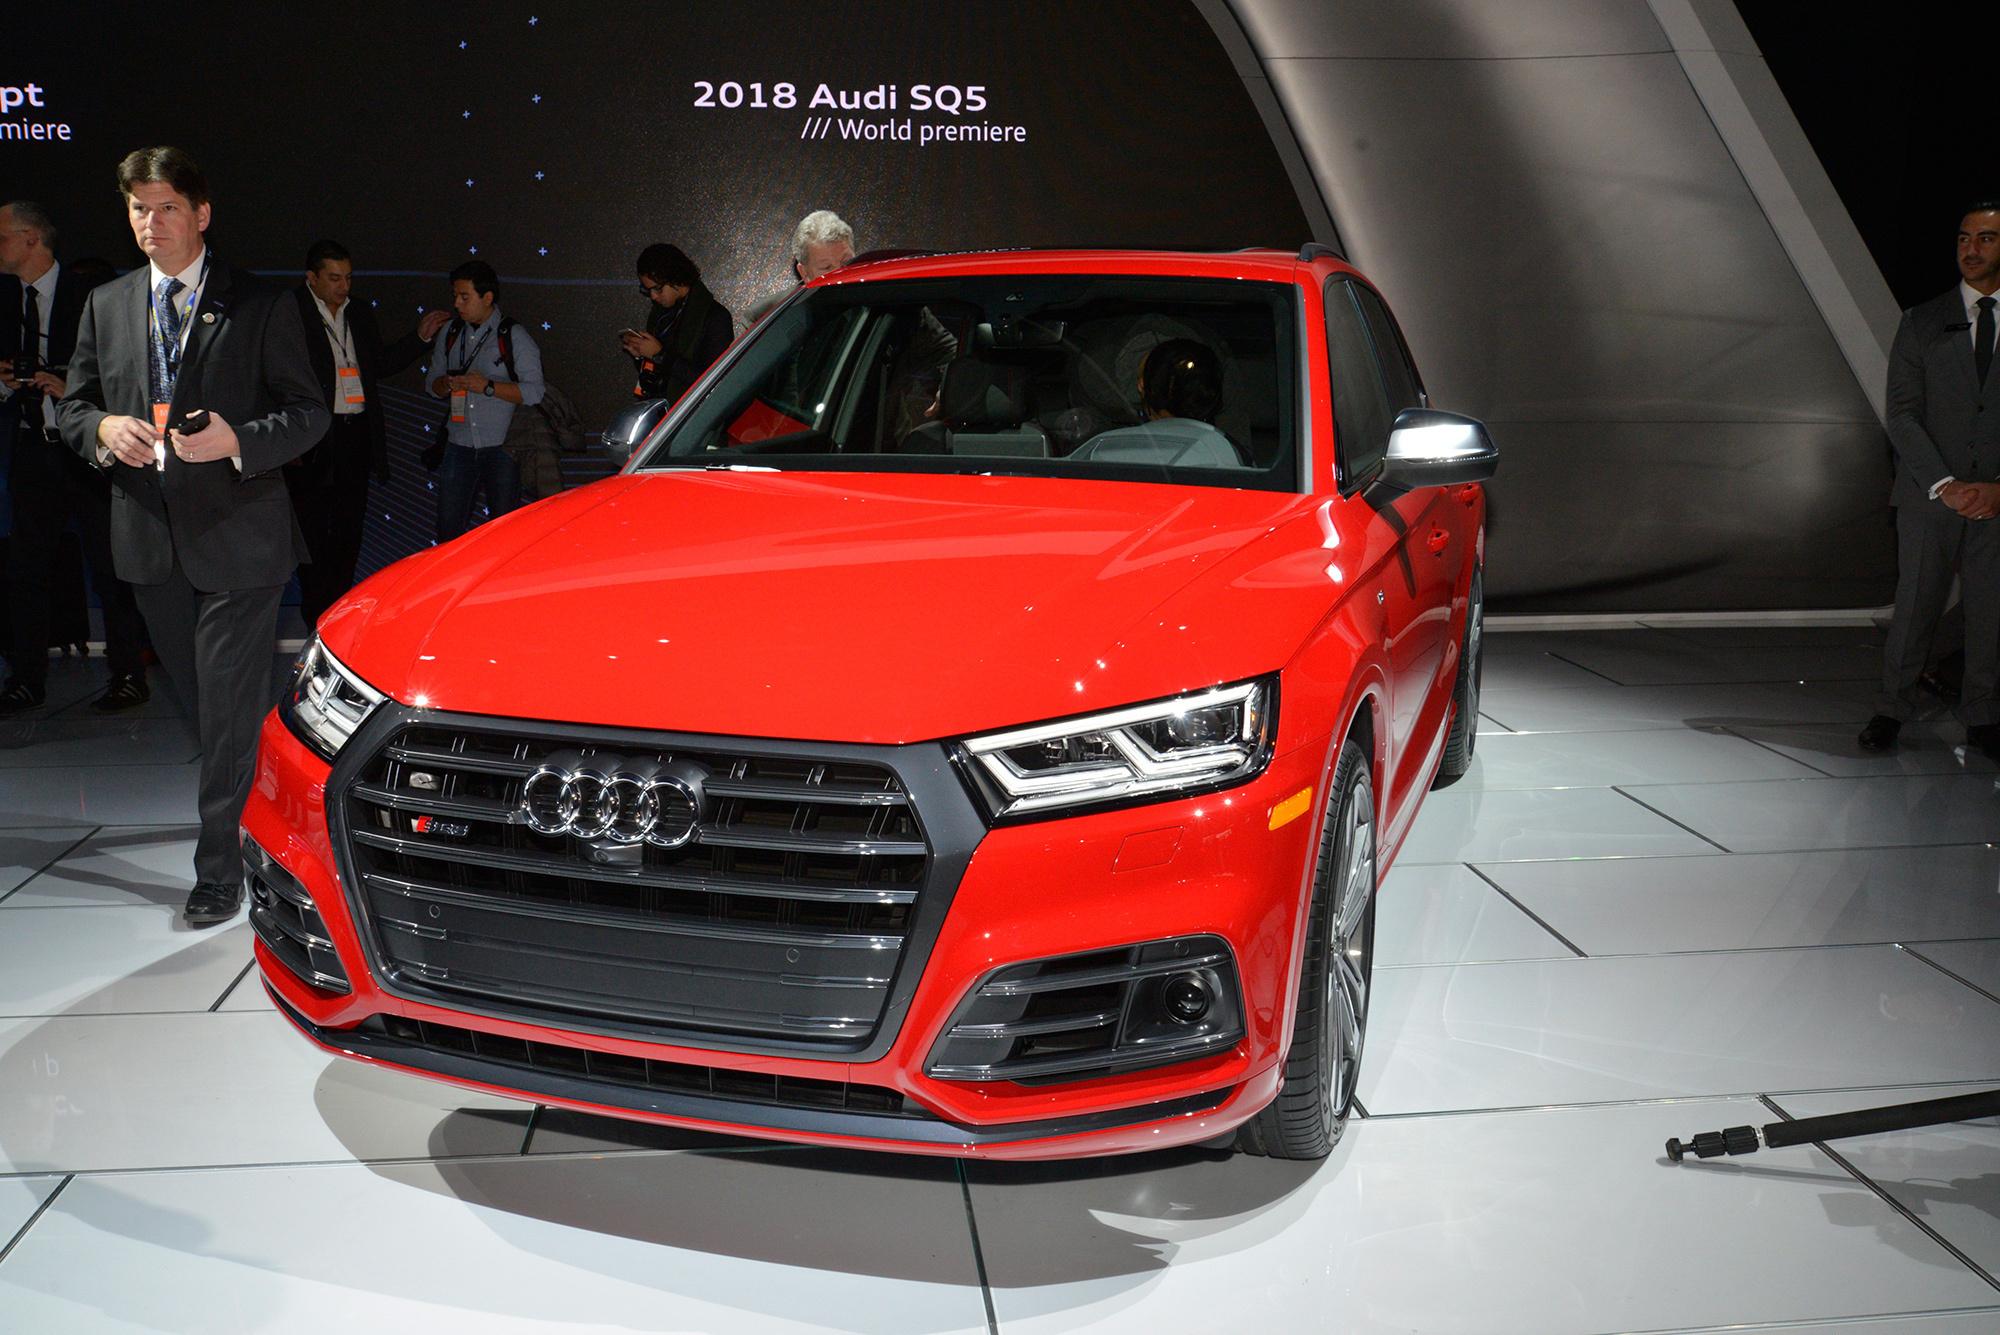 Audi Sq5 Wallpapers